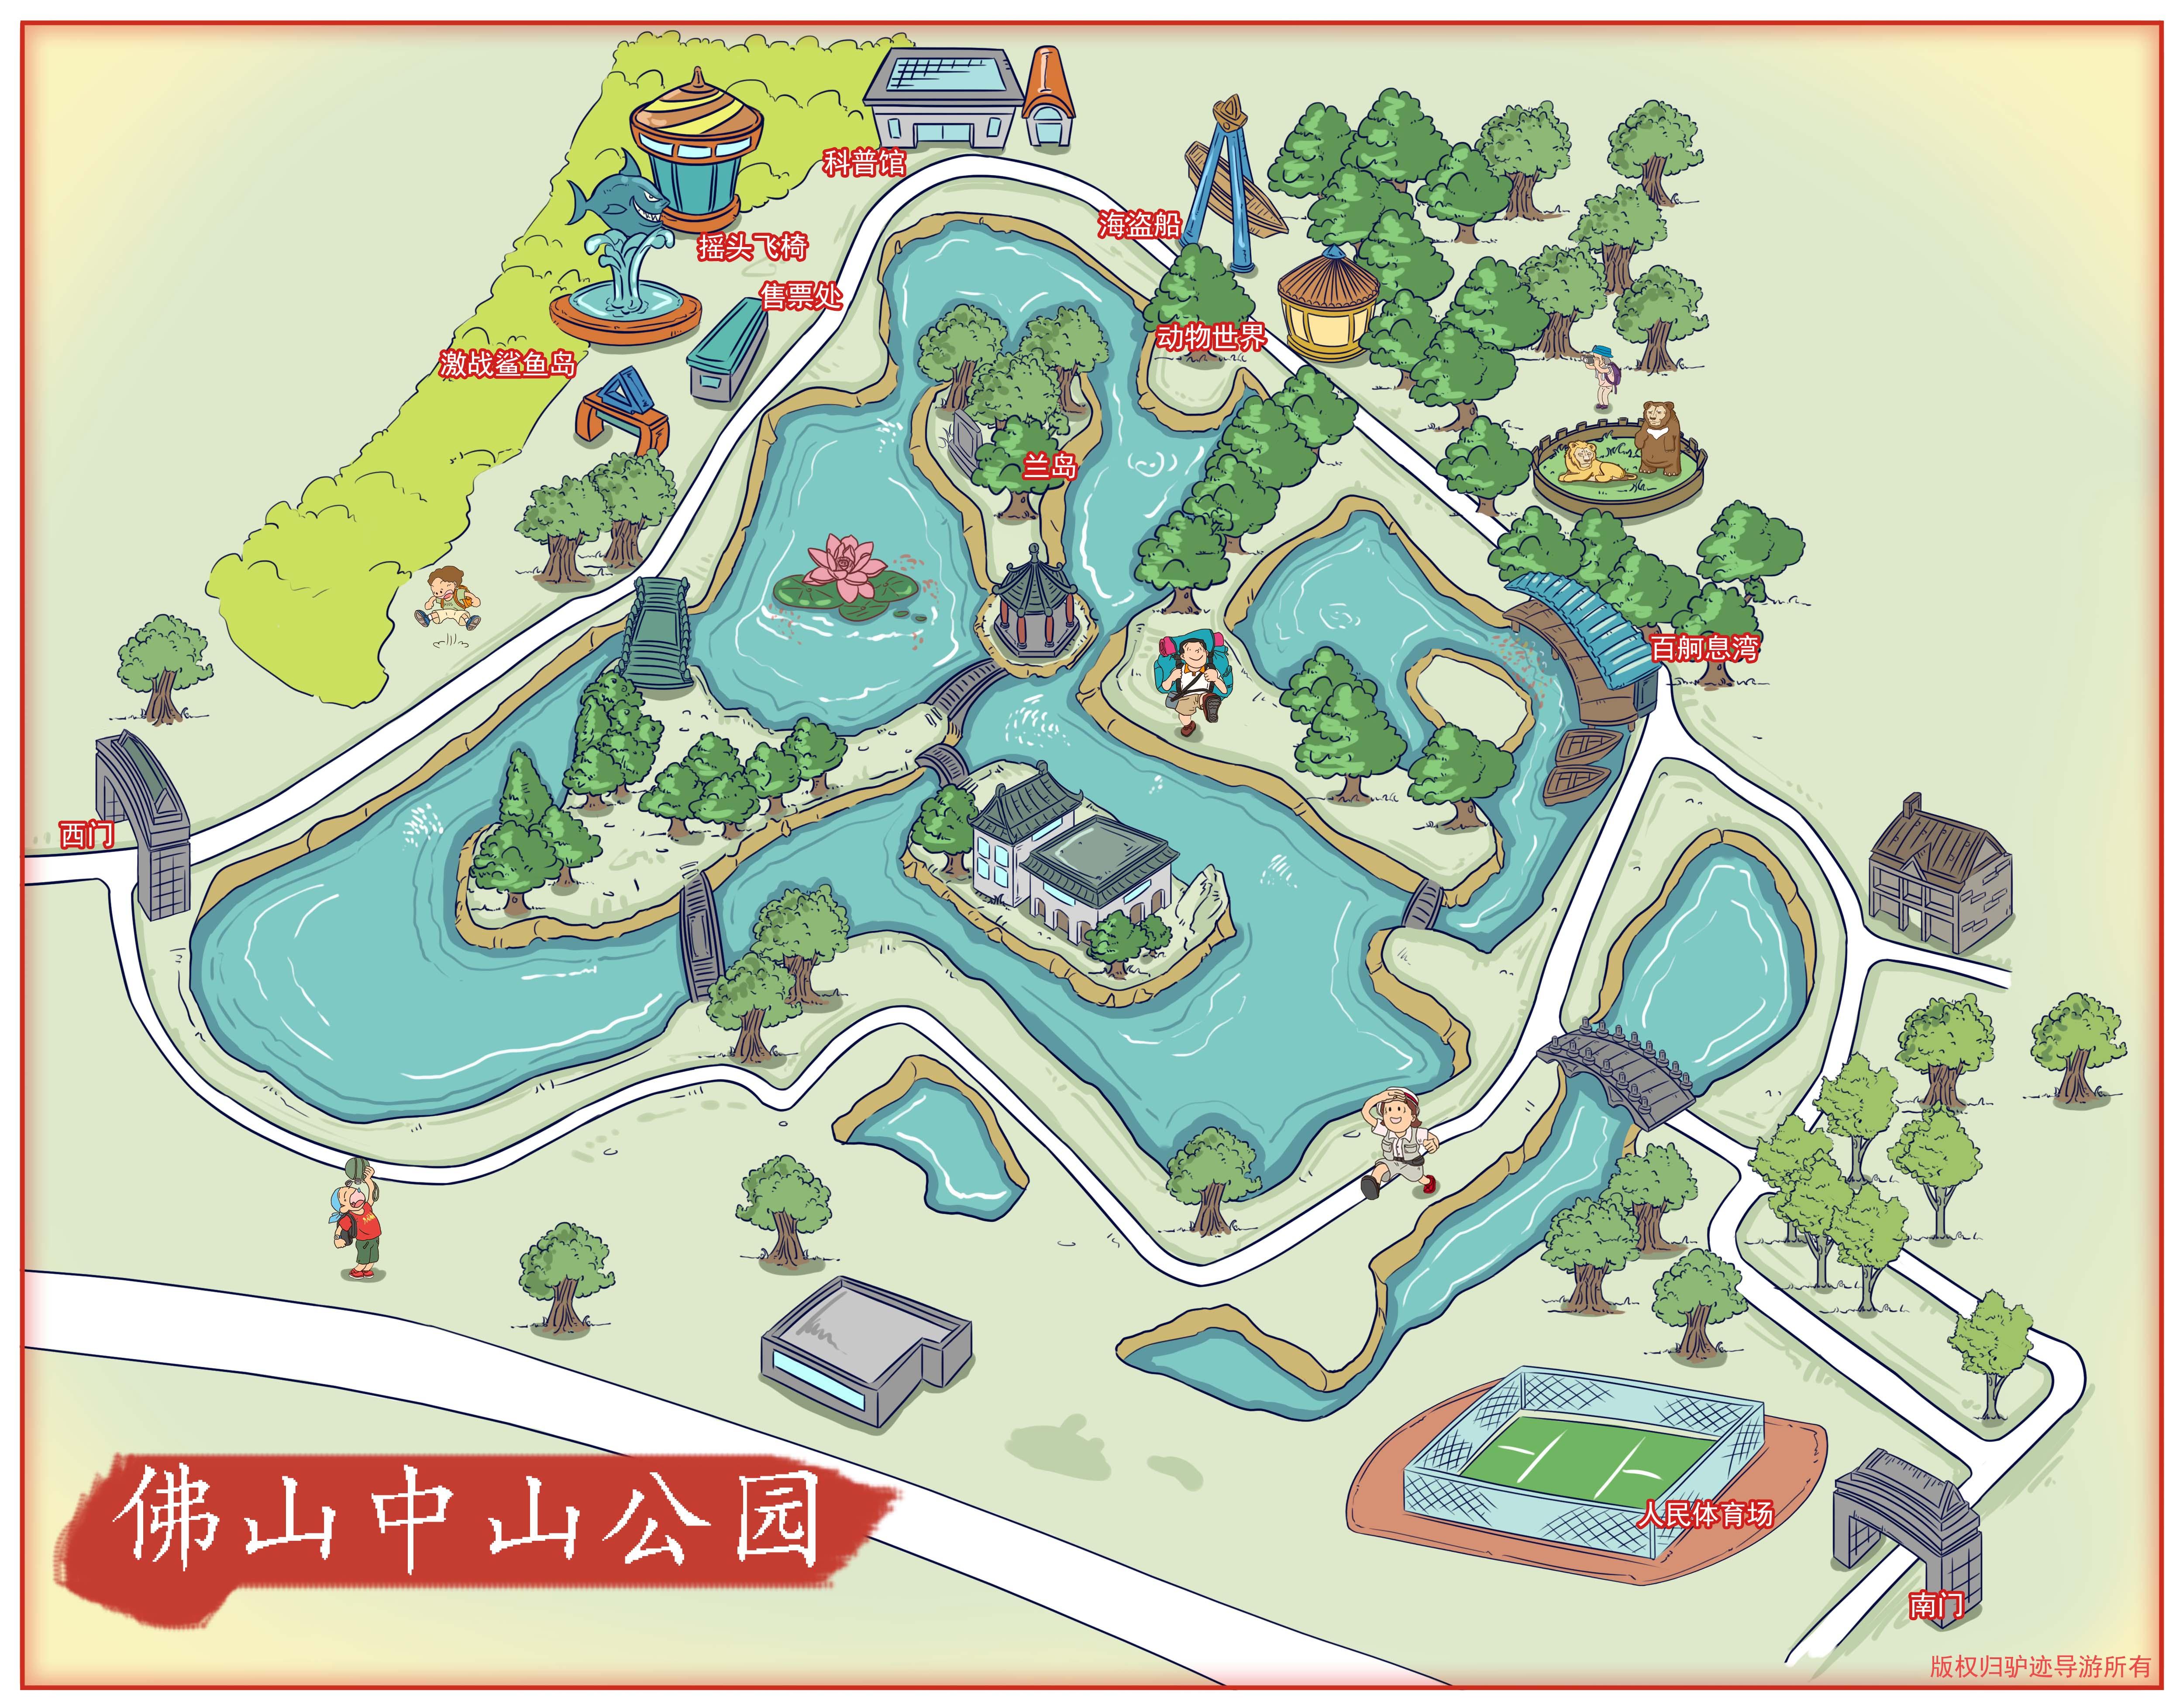 佛山中山公园手机导游【全景地图,园内导航,线路推荐